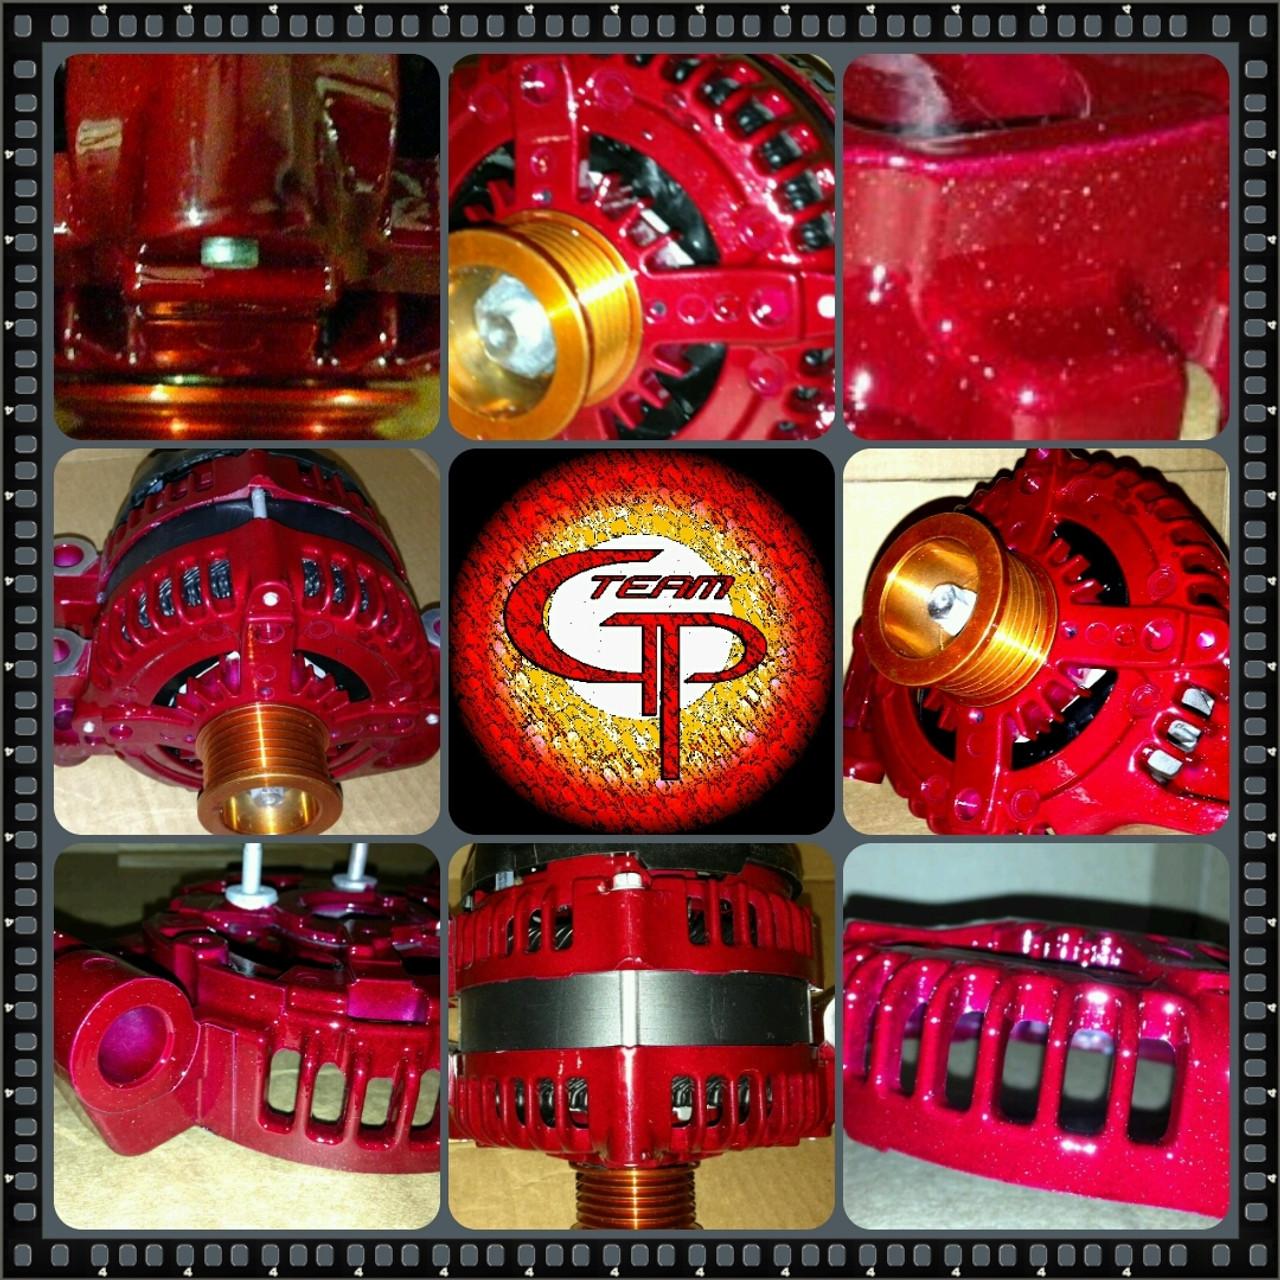 DODGE NEON 2.0L -2000-2003- 220AMP TEAM GP Alternator